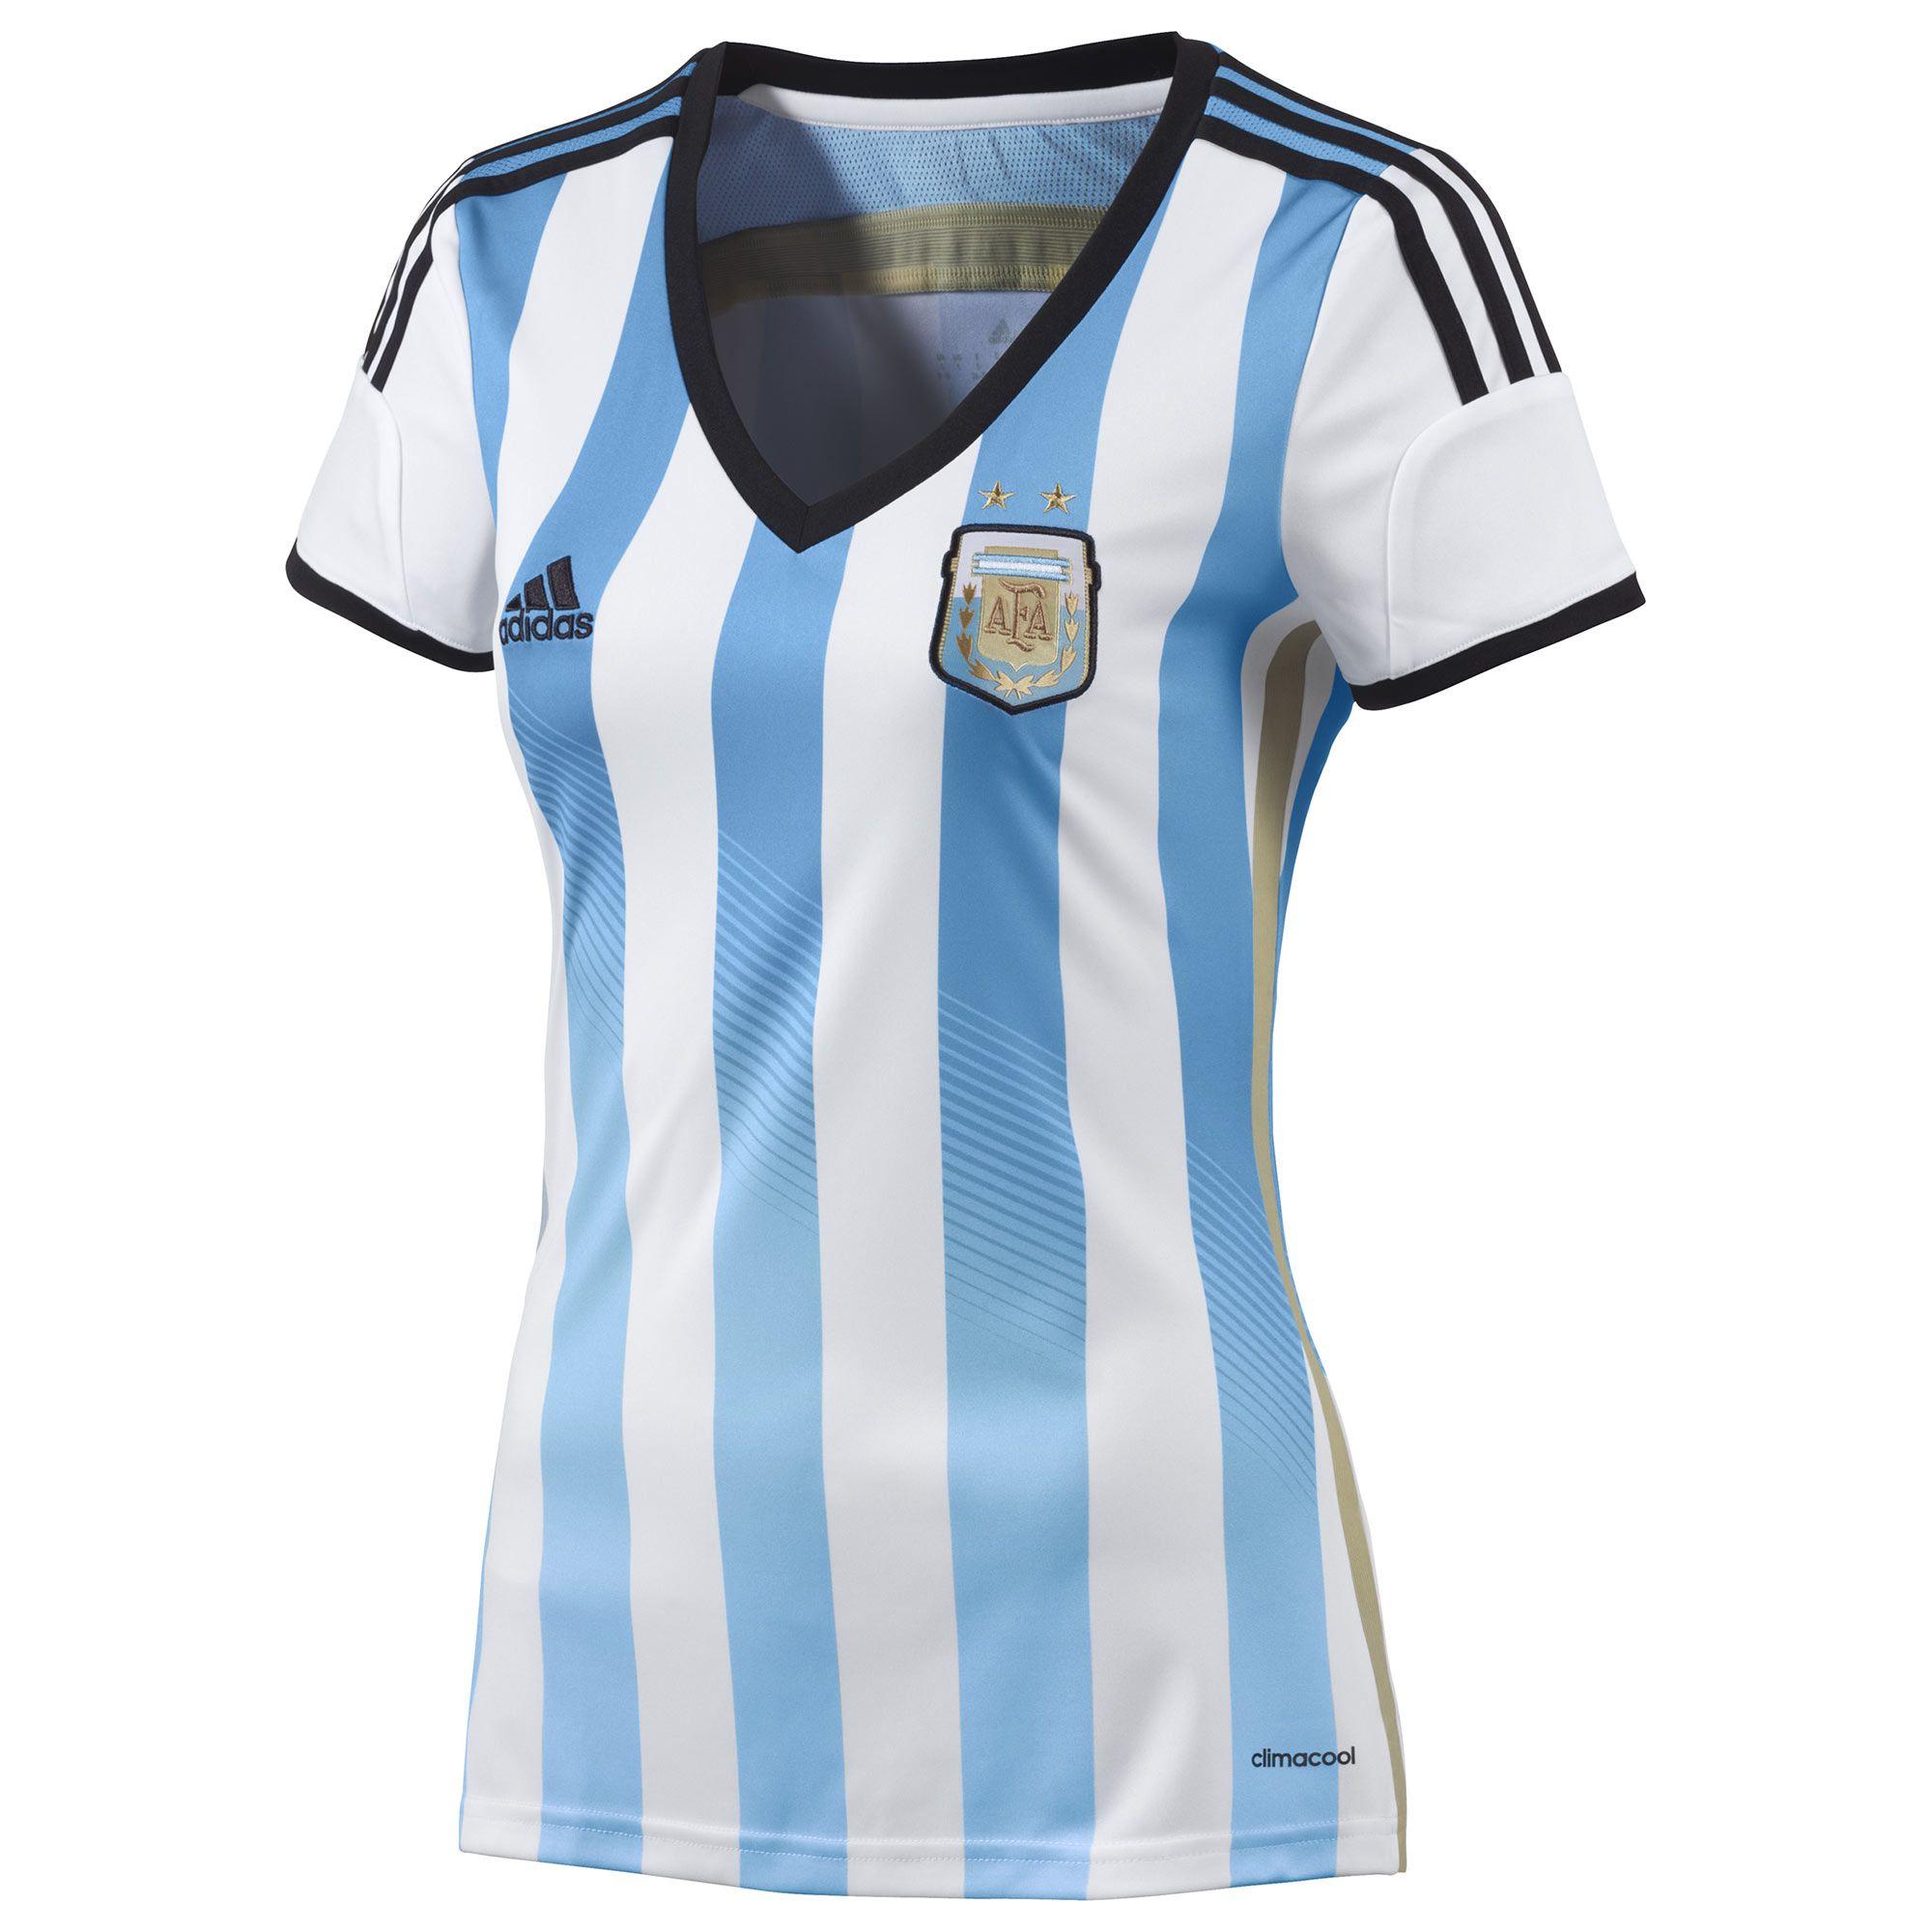 Camiseta de fútbol mujer 2014  fae21d5f82c81